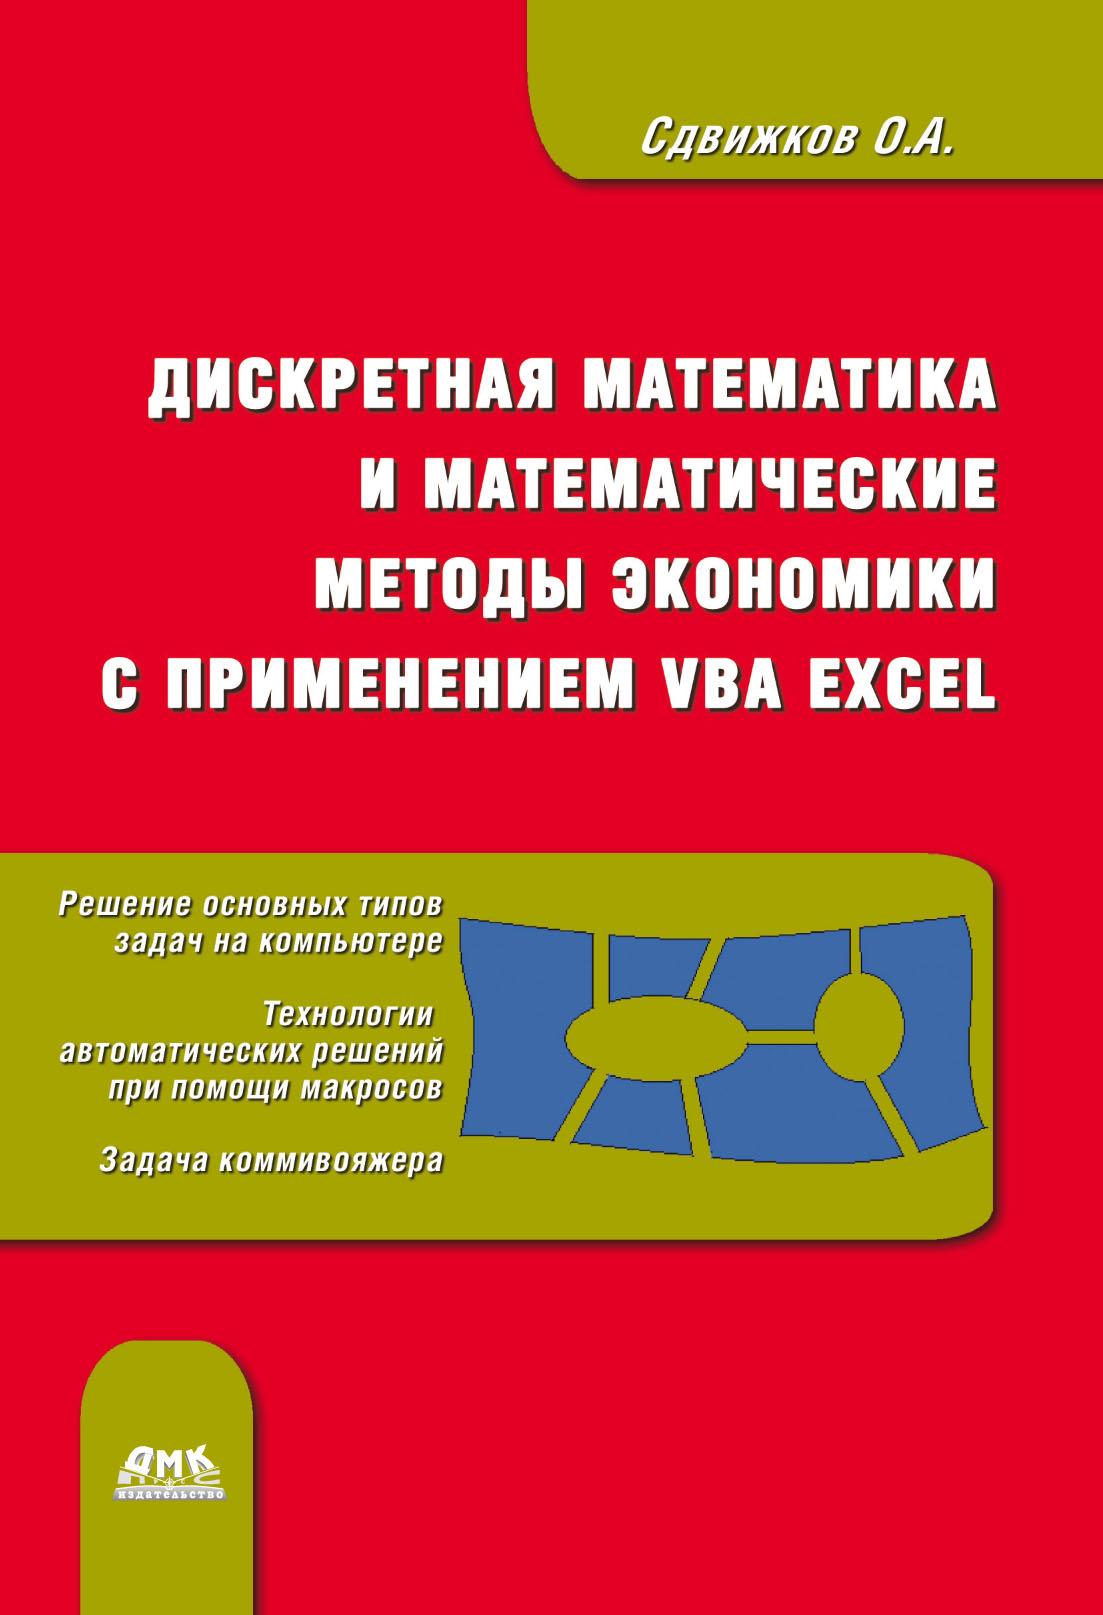 О. А. Сдвижков Дискретная математика и математические методы экономики с применением VBA Excel